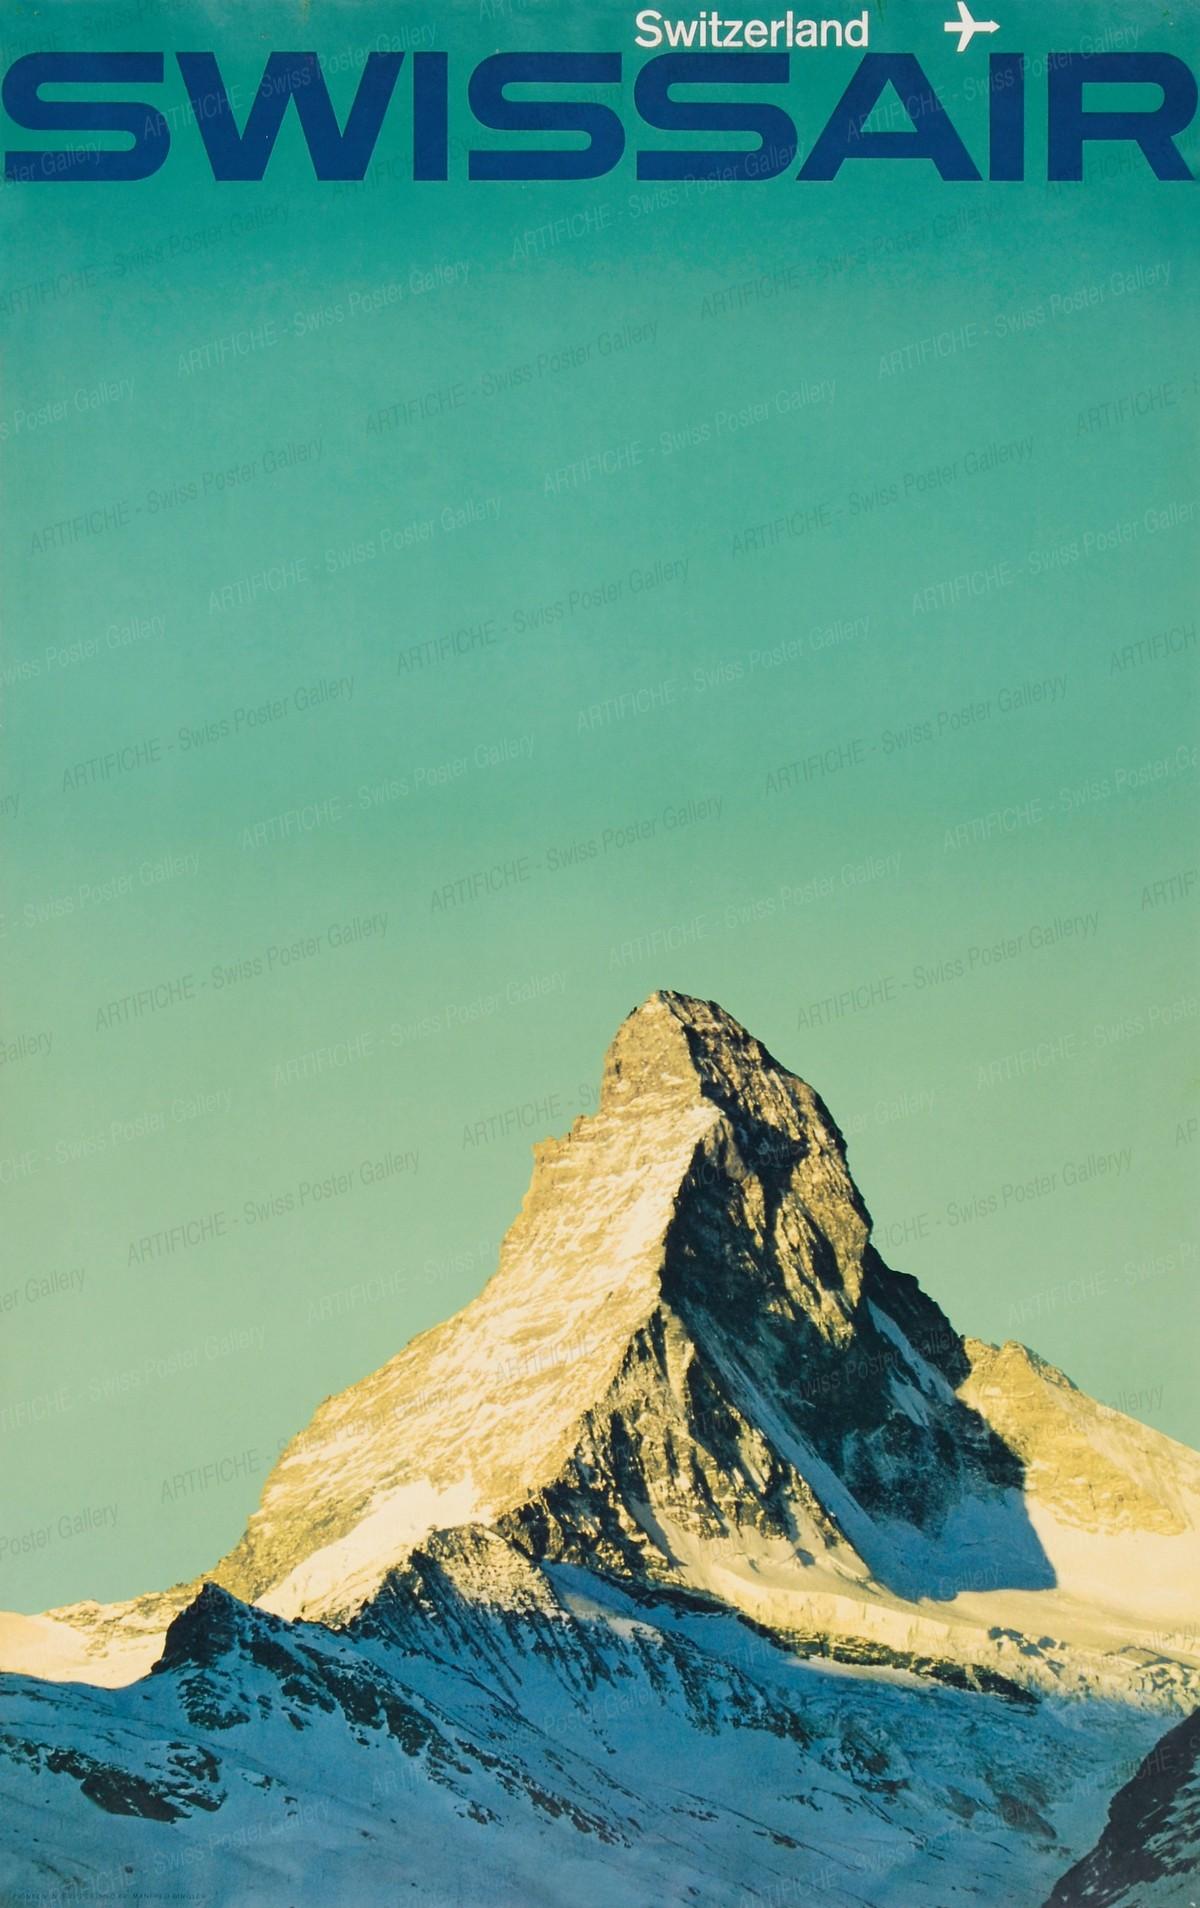 Swissair (Zermatt, Matterhorn), Manfred Bingler